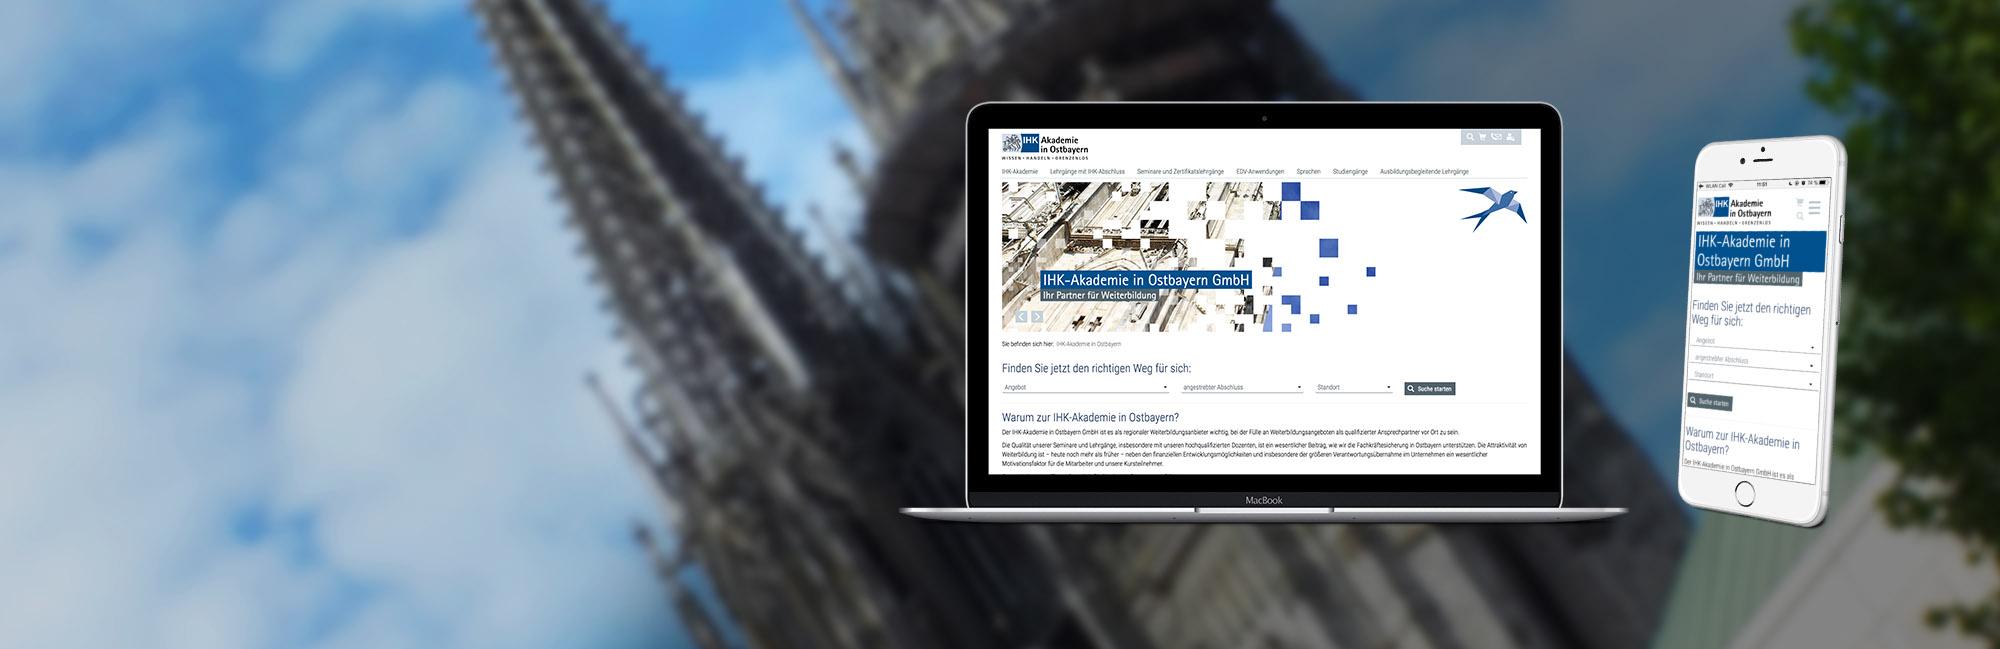 Neuer Webauftritt der IHK Akademie in Ostbayern